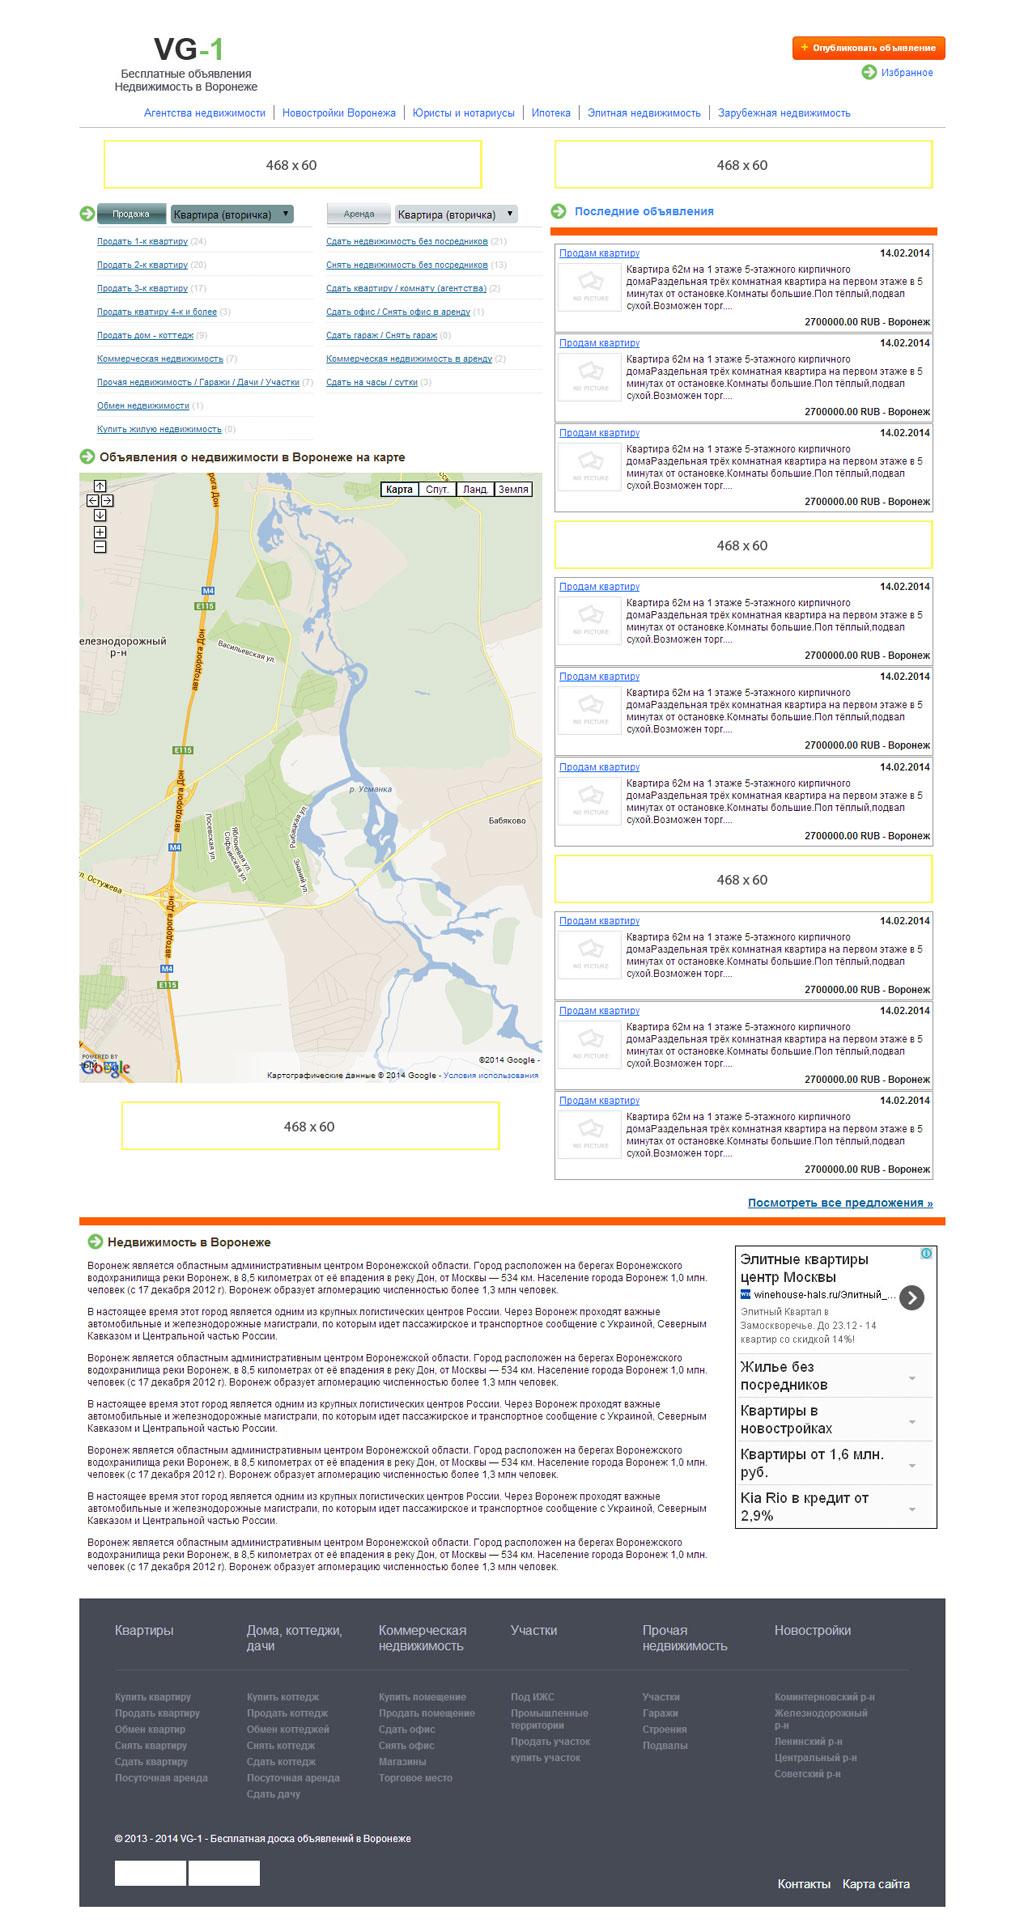 Верстка макета главной страницы сайта с объявлениями недвижимости VG-1